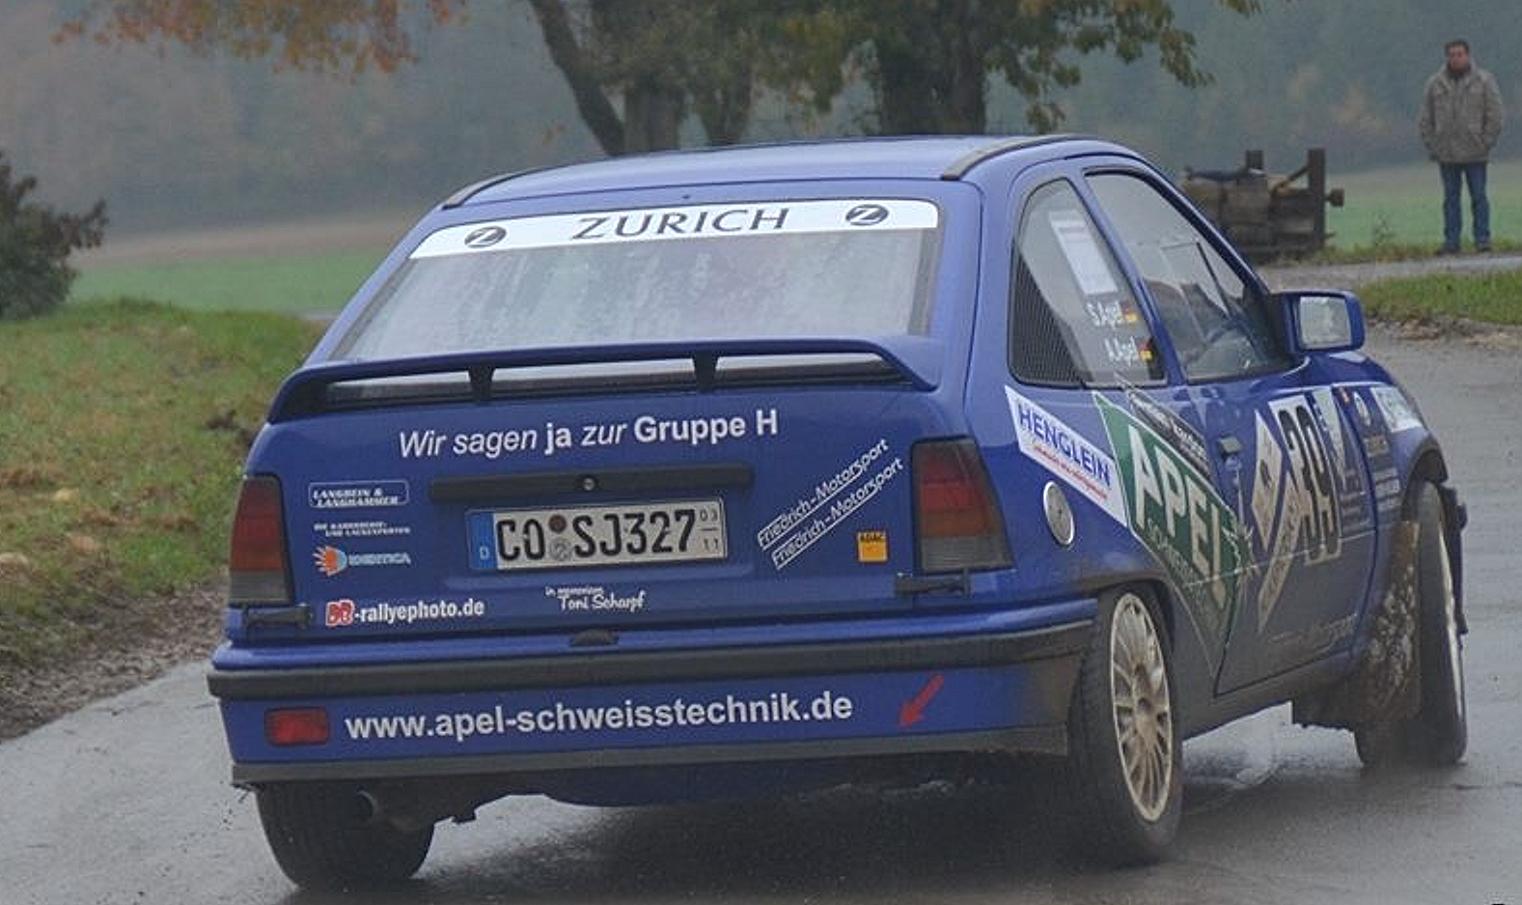 Zeigten beim Rallye-Saisonabschluss vielen ihrer Konkurrenten das Heck der Opel Kadett 16V: André und Sandro Apel